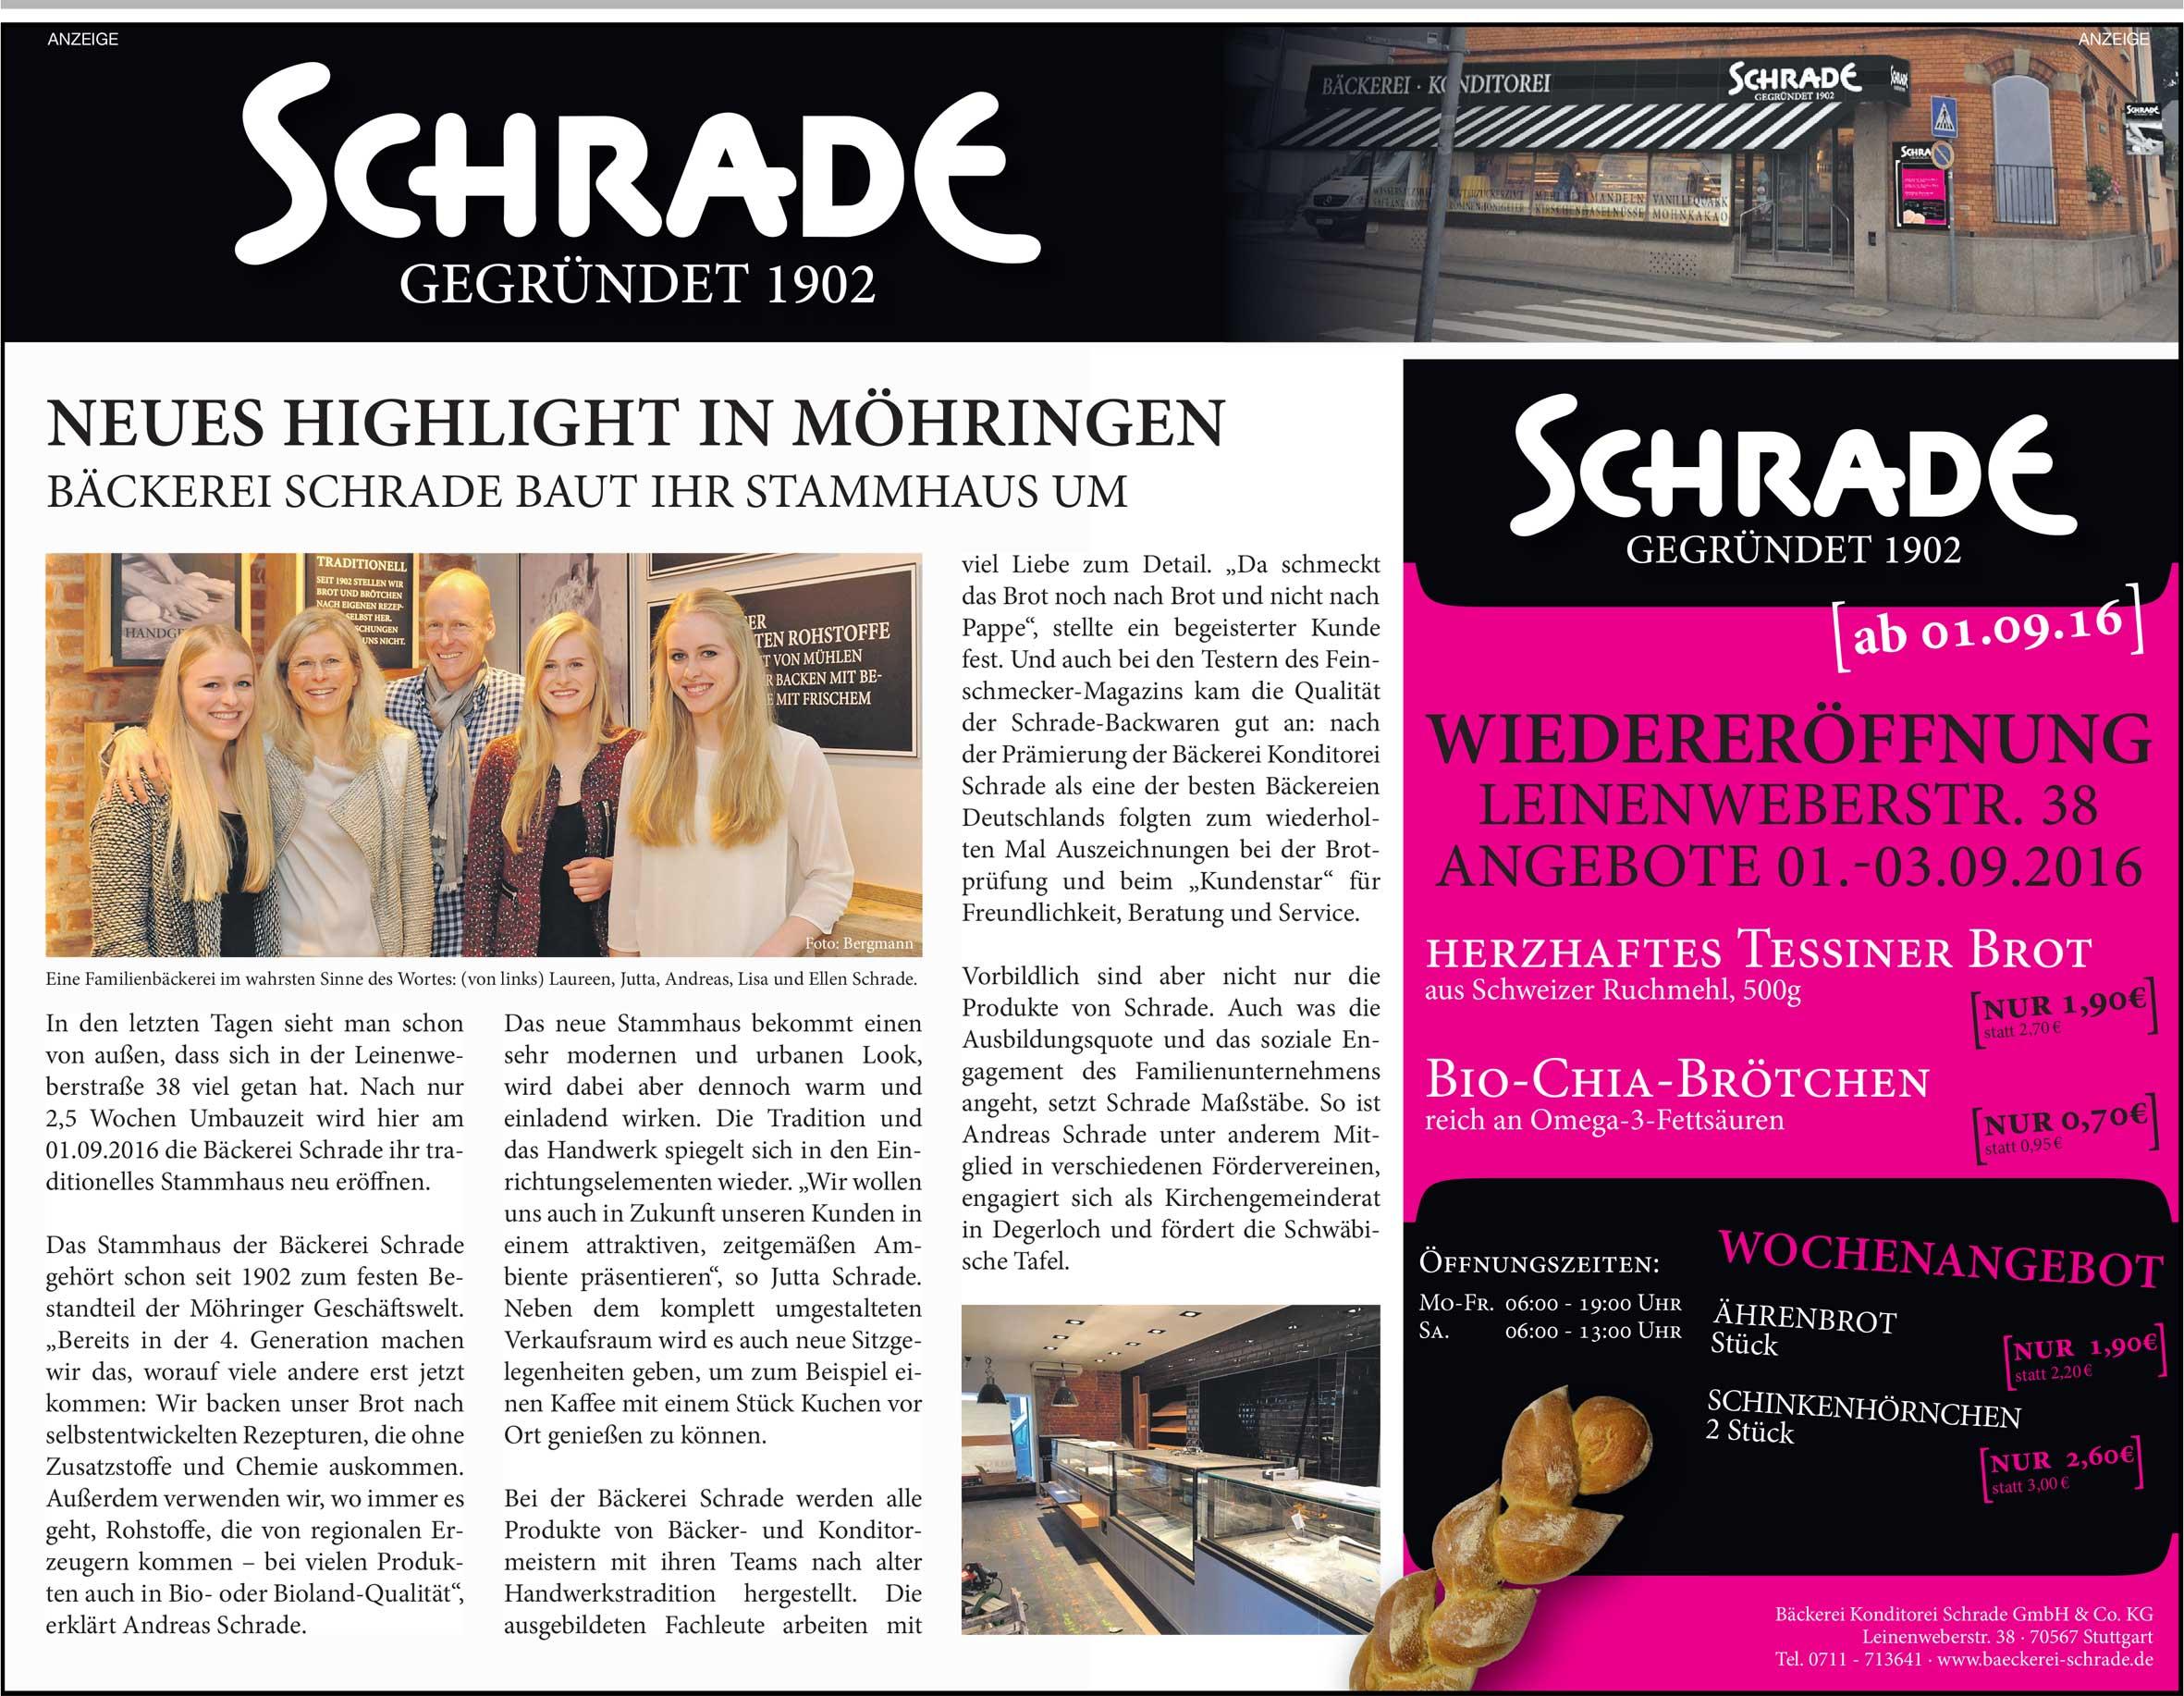 Filder-Zeitung_30.08.2016-Wiedereroeffnung-Stammhaus